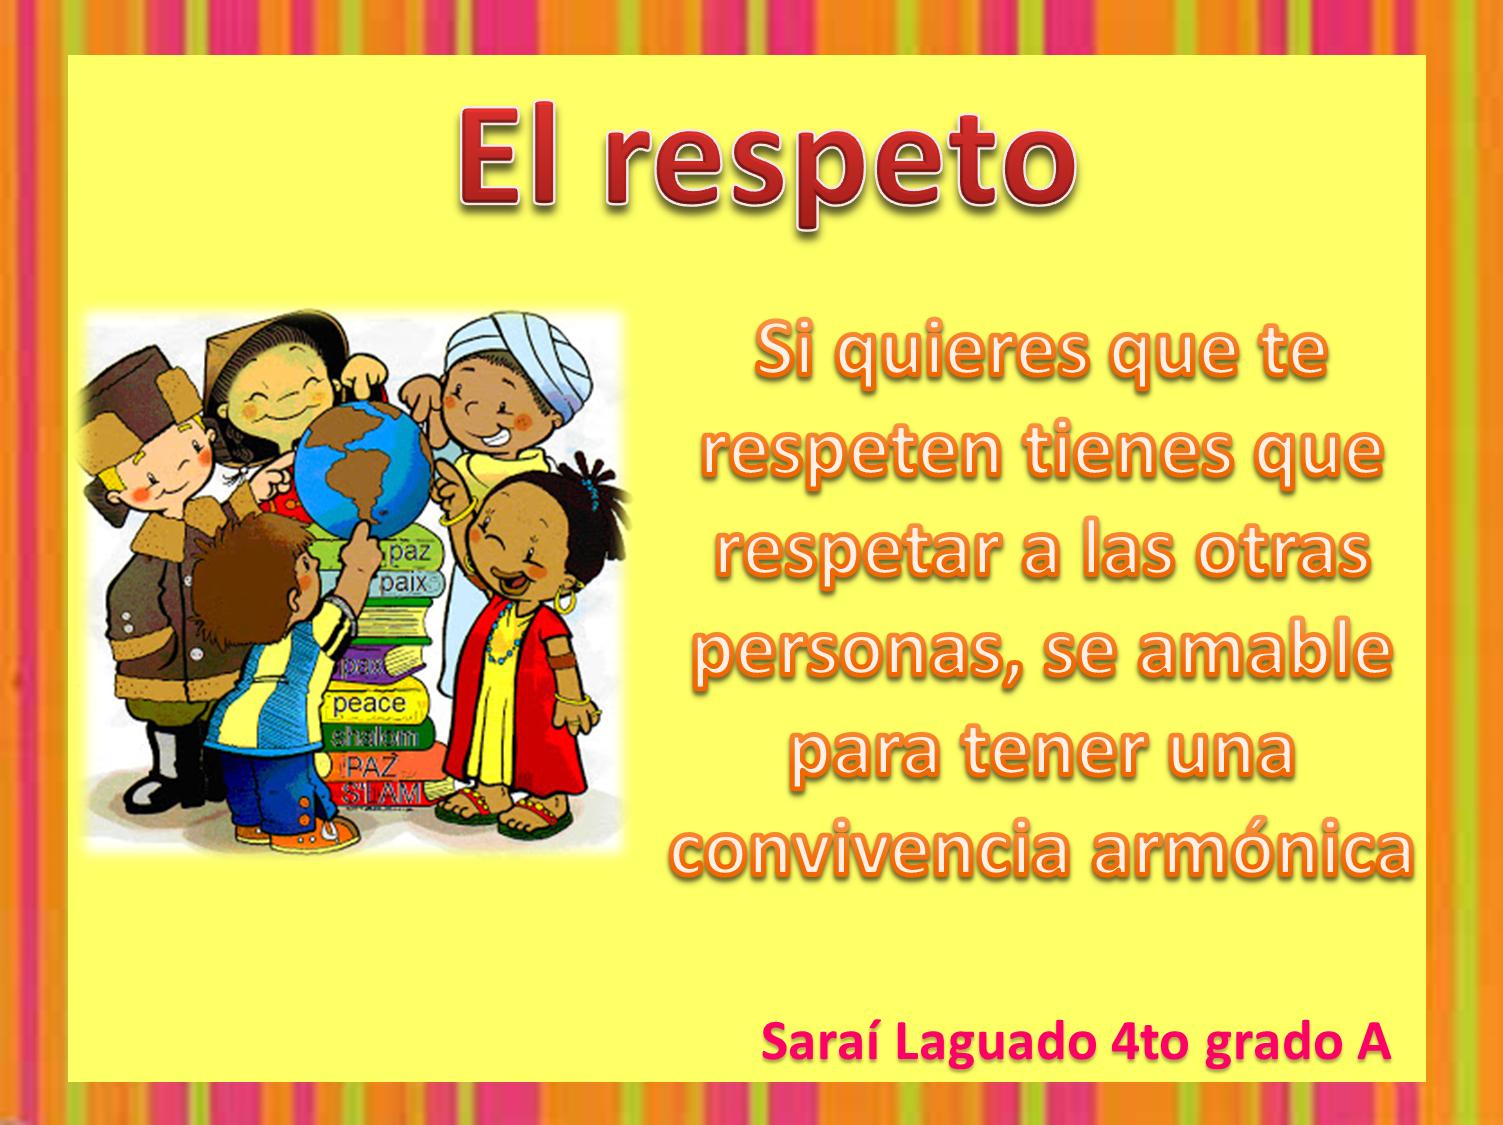 valor respeto - photo #2